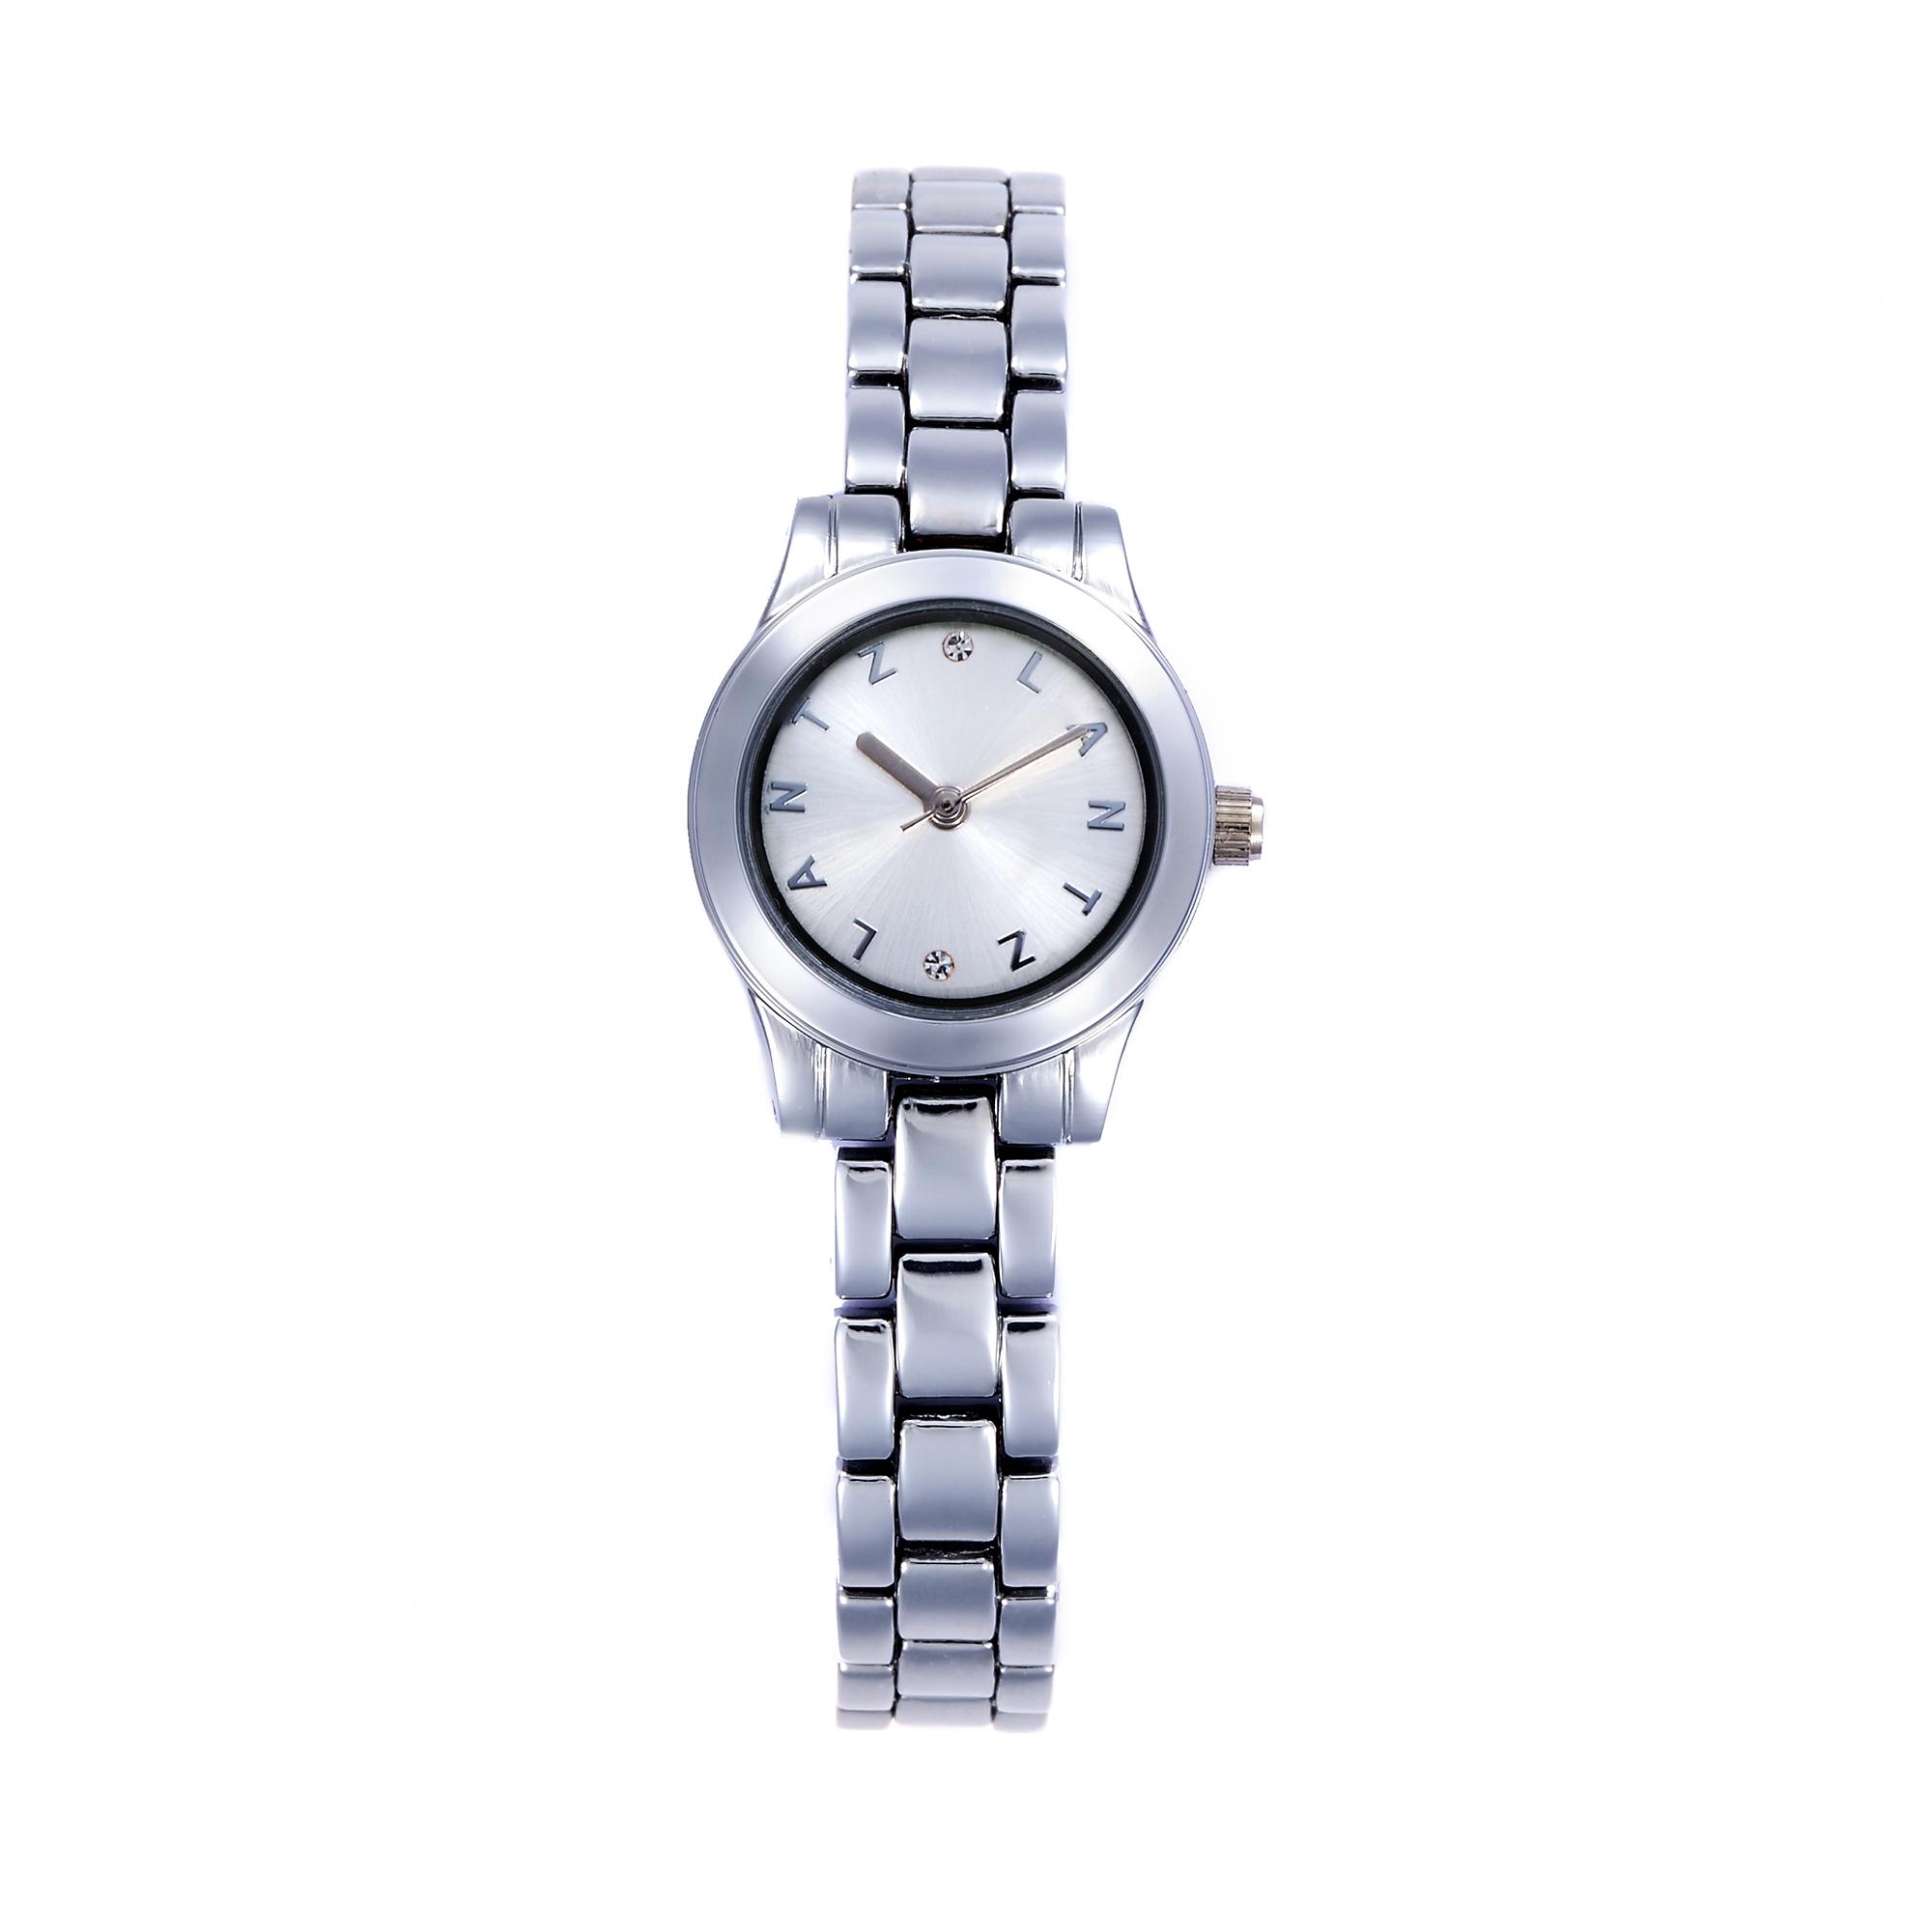 韩国原产LANTZ时尚腕表碳钢石英表女士手表 白色